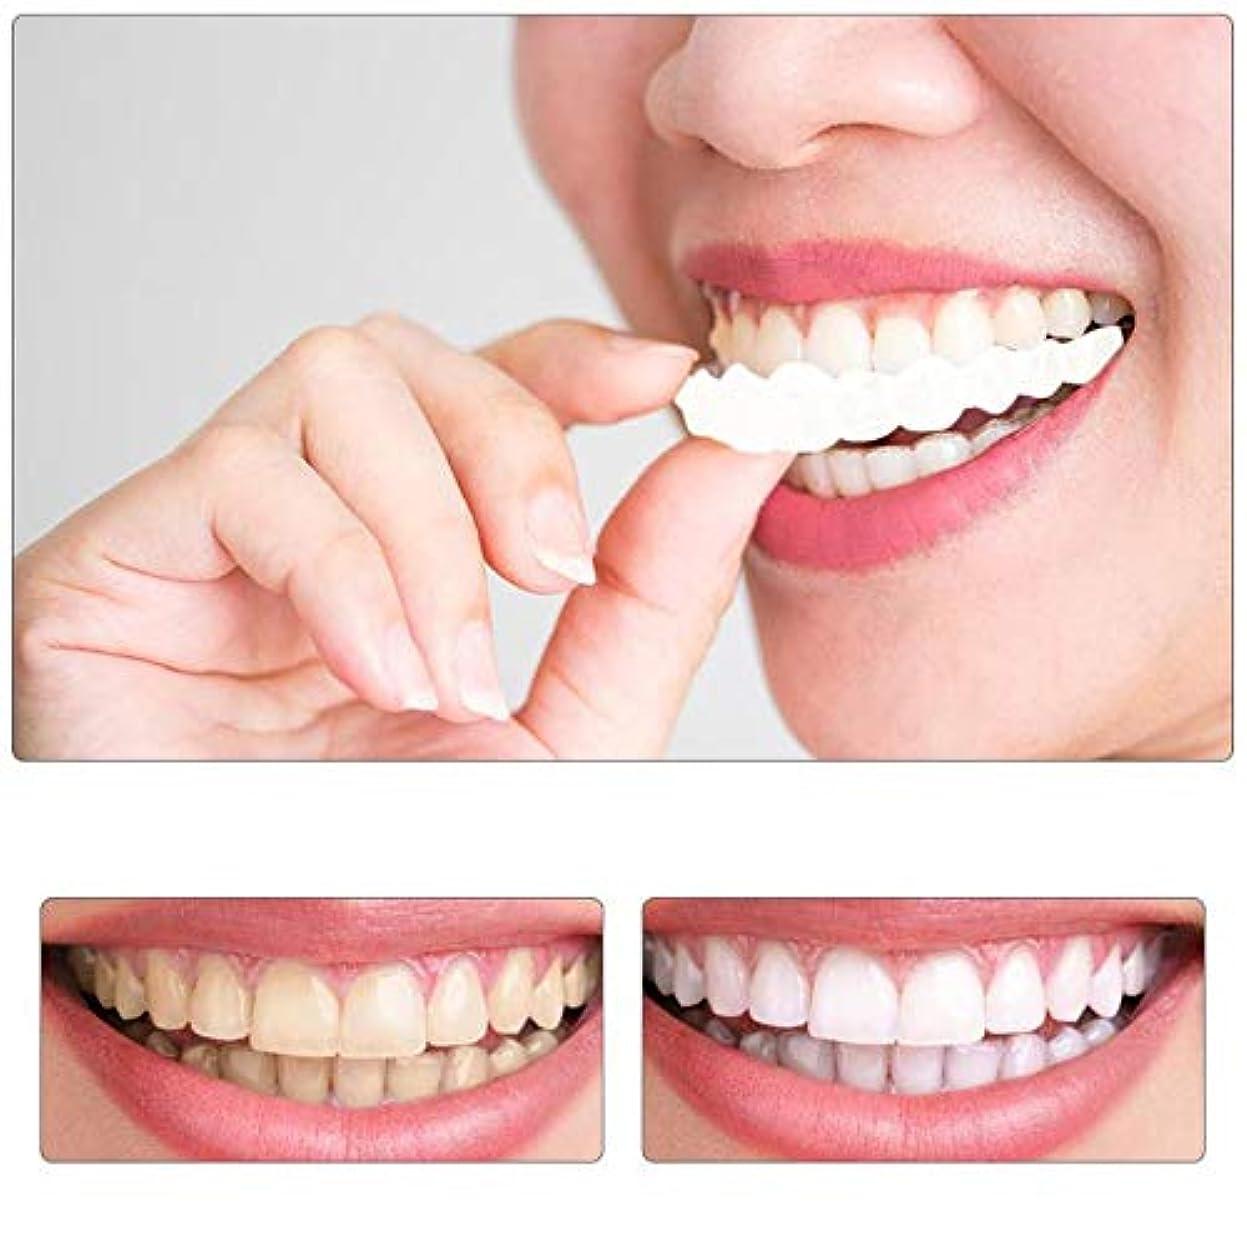 書く謝る団結する1ペア偽歯上部偽偽歯カバースナップオン即時歯化粧品義歯ケアオーラルケアプラスチックホワイトニング義歯